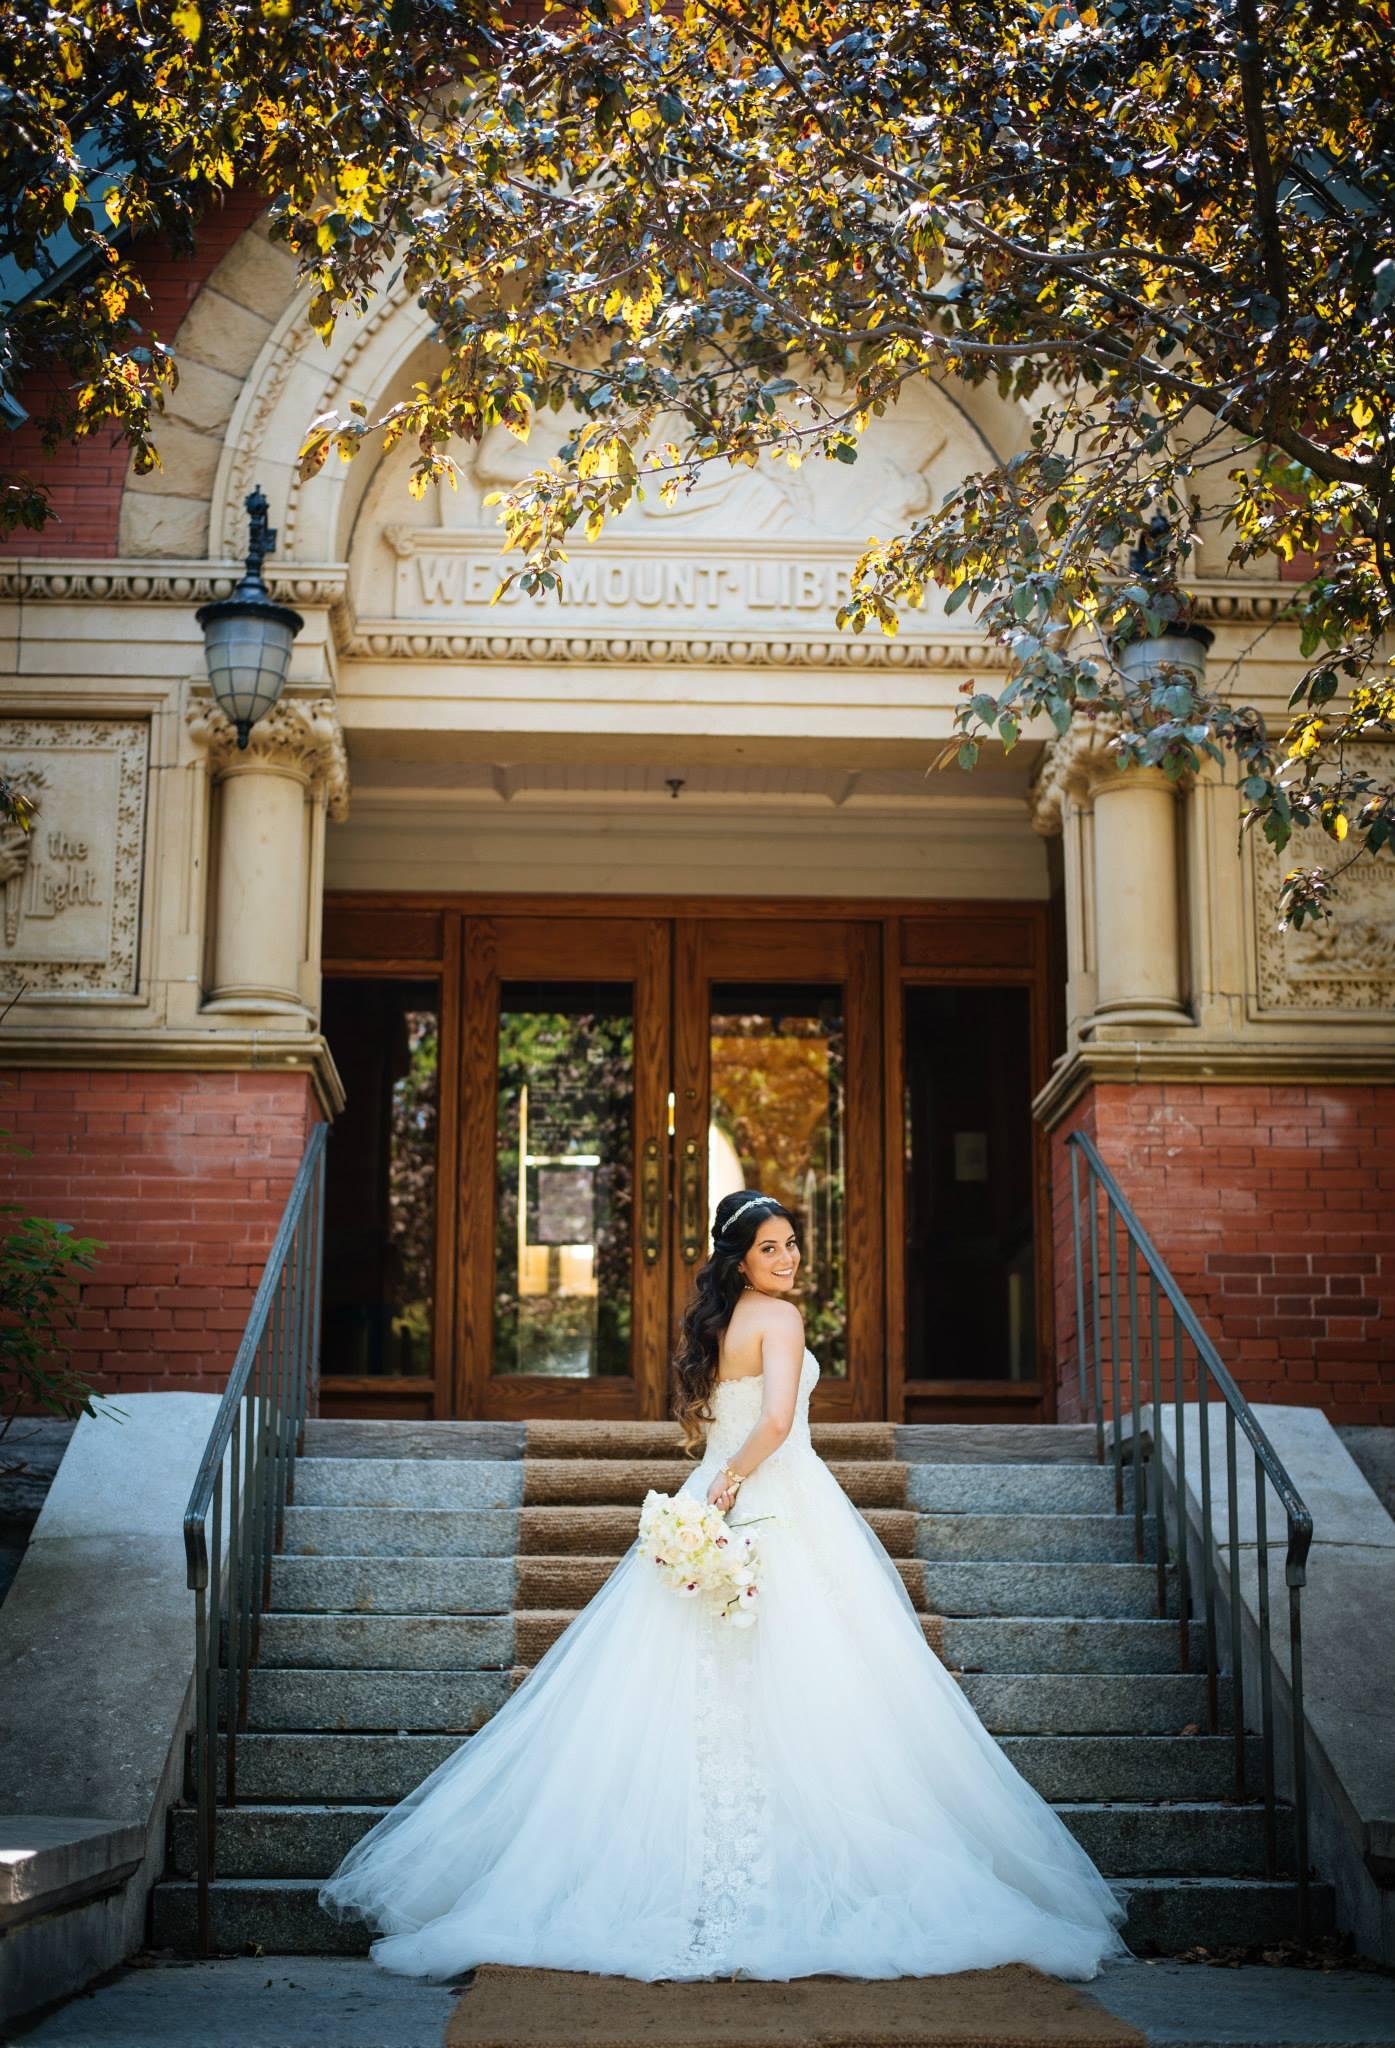 Weddings_Vesia1.jpg